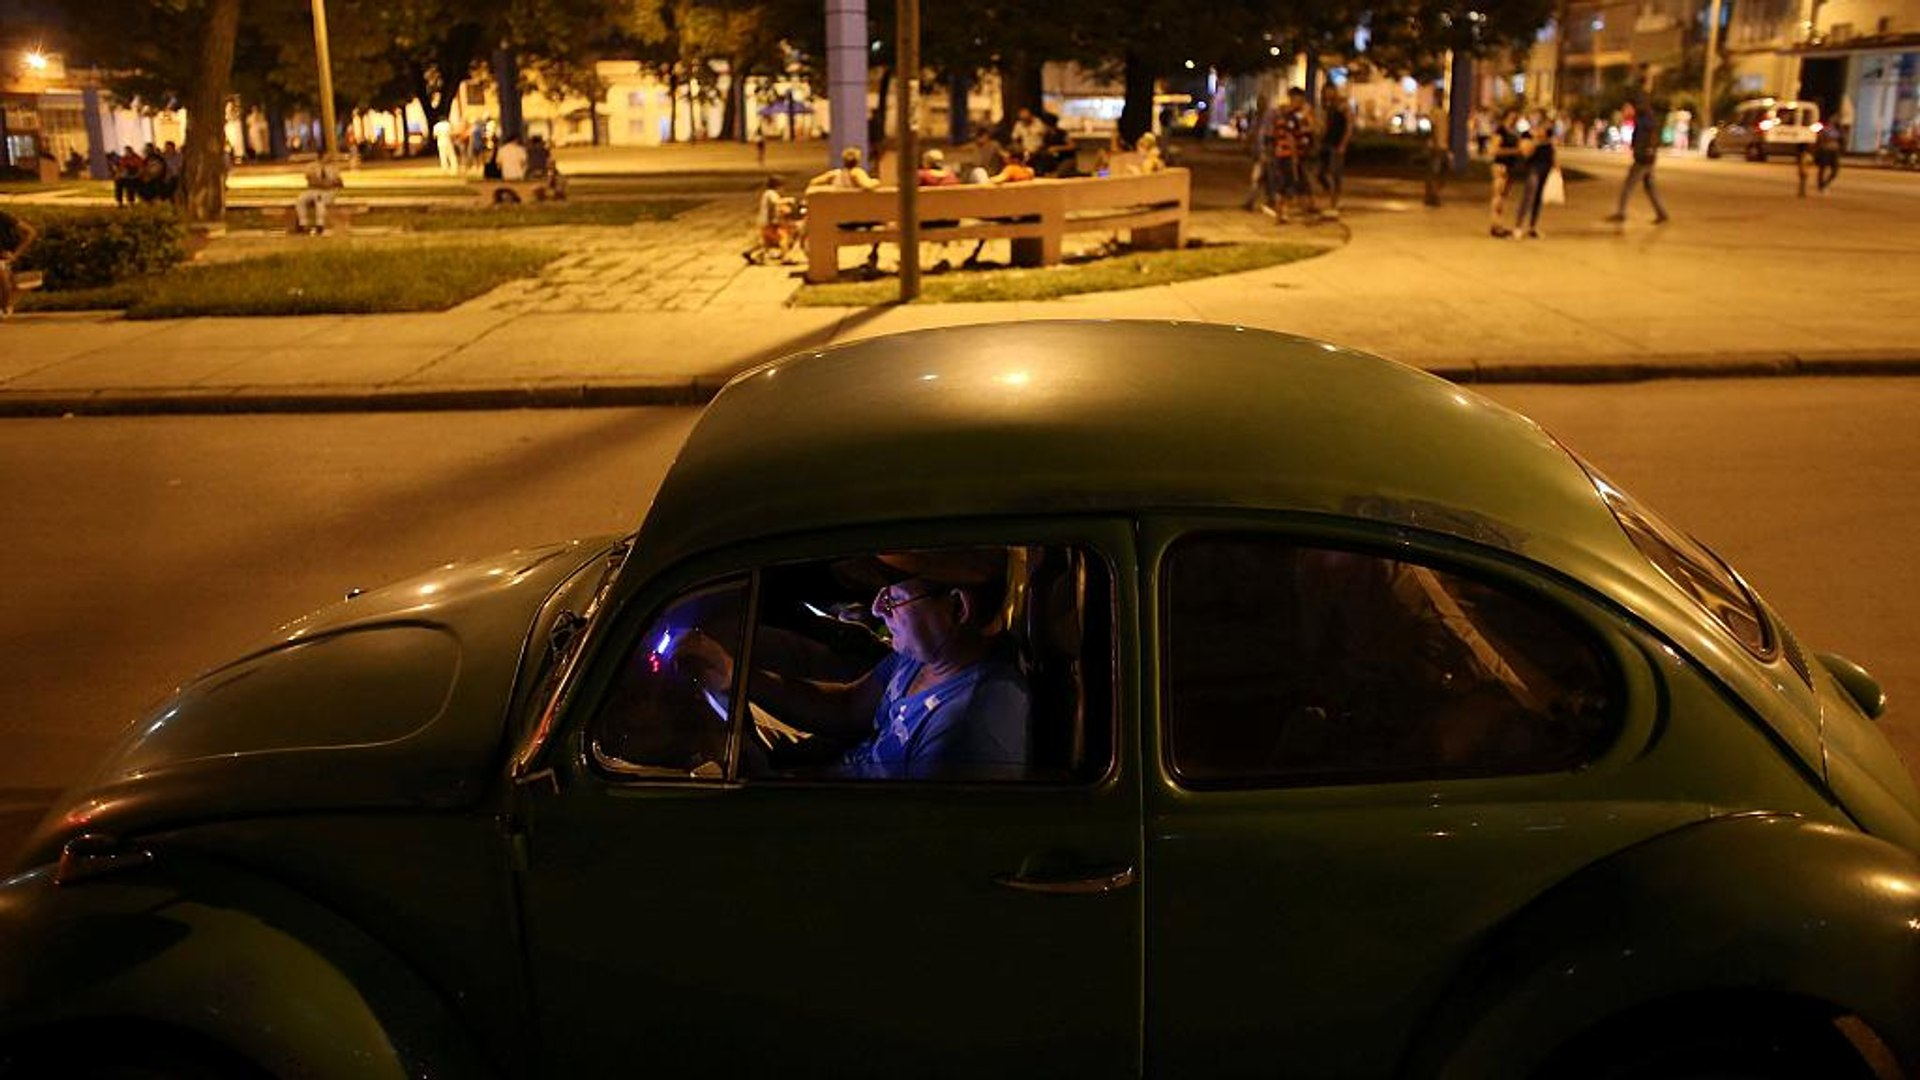 الكوبيون يتصلون بالعالم الخارجي عبر الانترنت